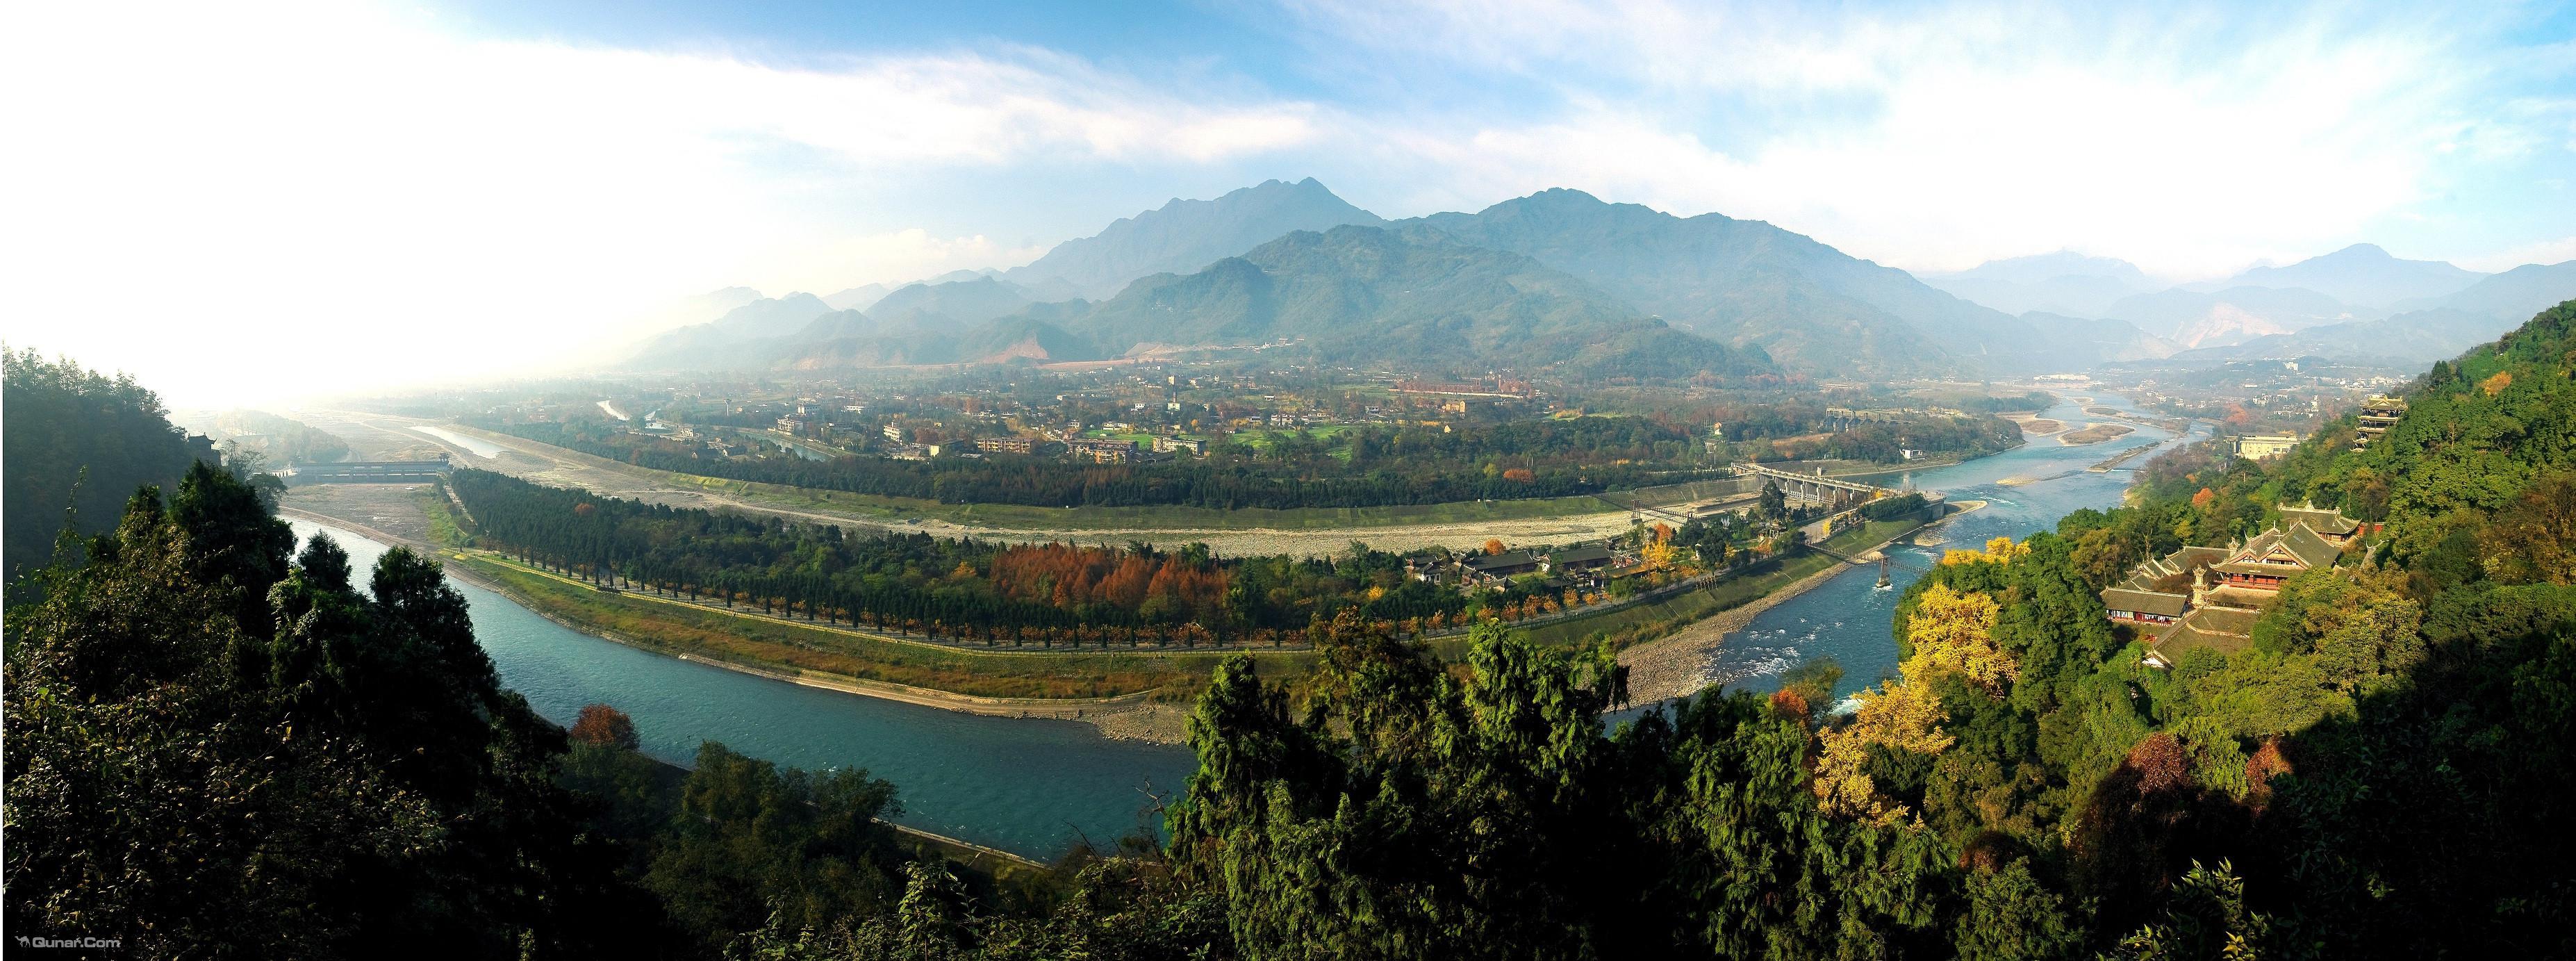 首页 旅游线路 国内旅游 西南,西北地区 四川|重庆 > 成都,峨眉山